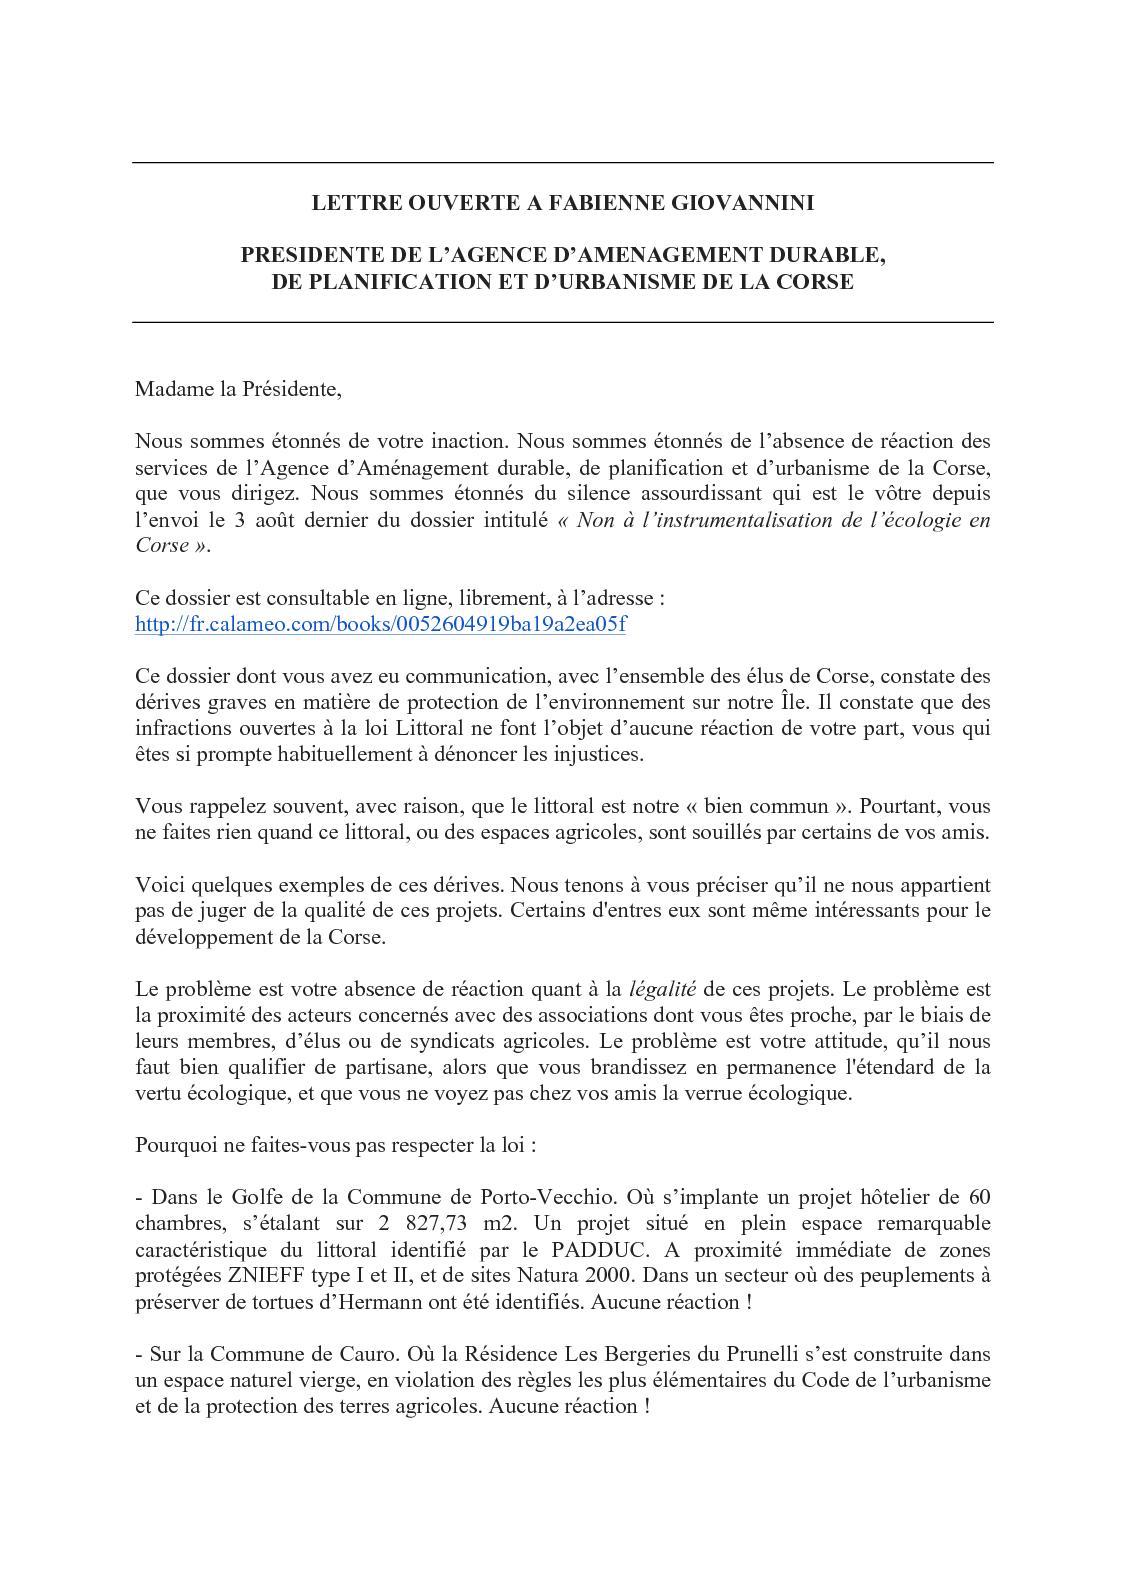 Calameo Lettre Ouverte A Fabienne Giovannini Presidente De L